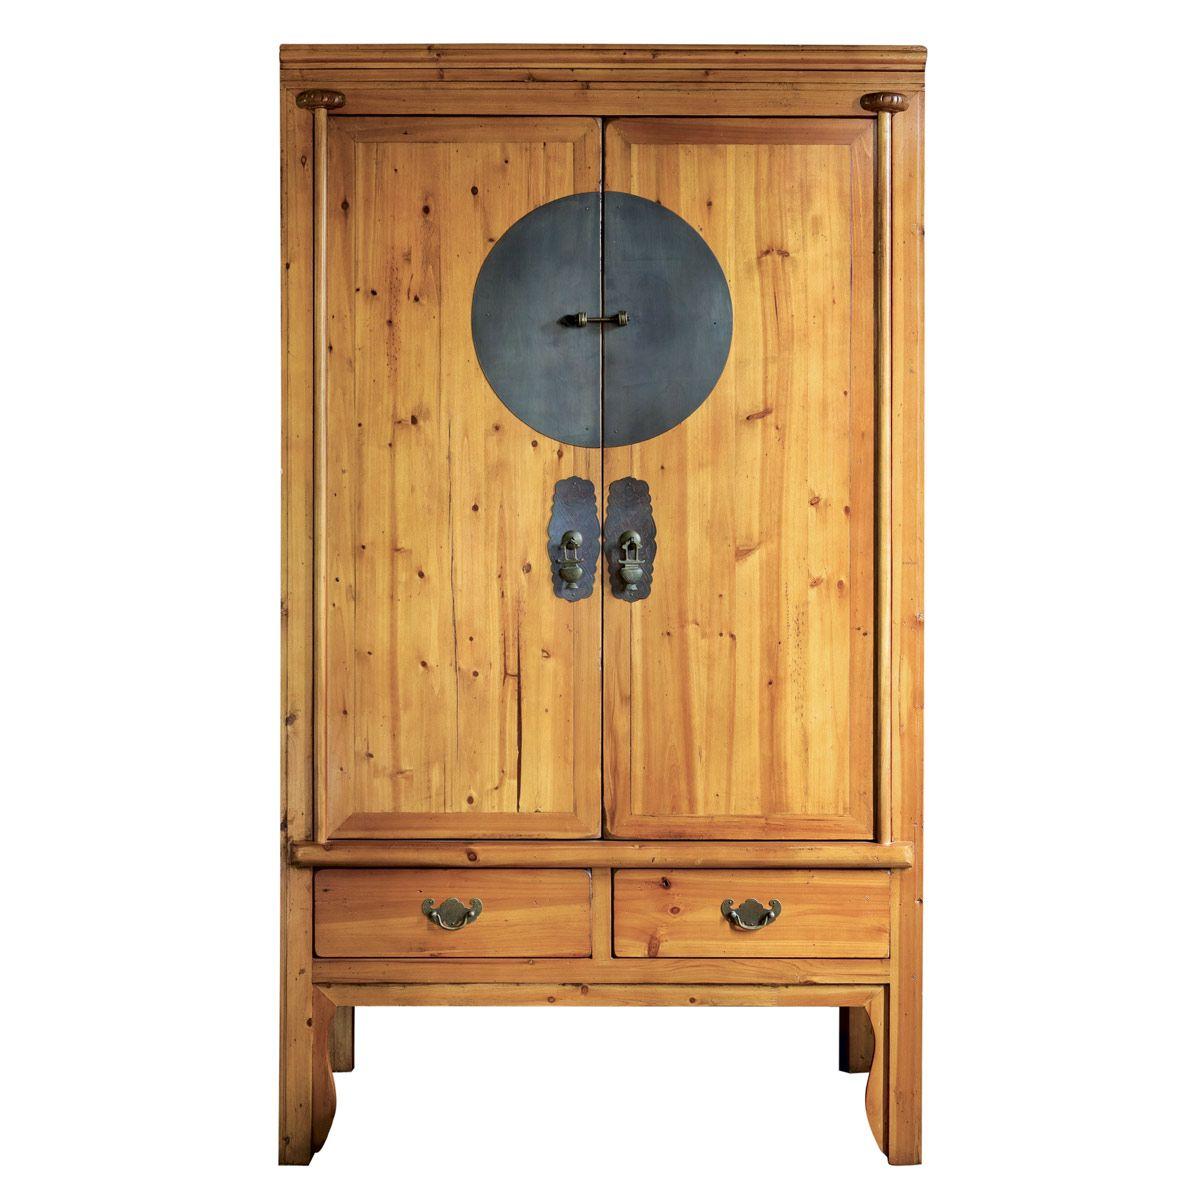 design de maison armoire maison du monde galerie et armoire en orme recycla cm beijing photo armoire maison du monde